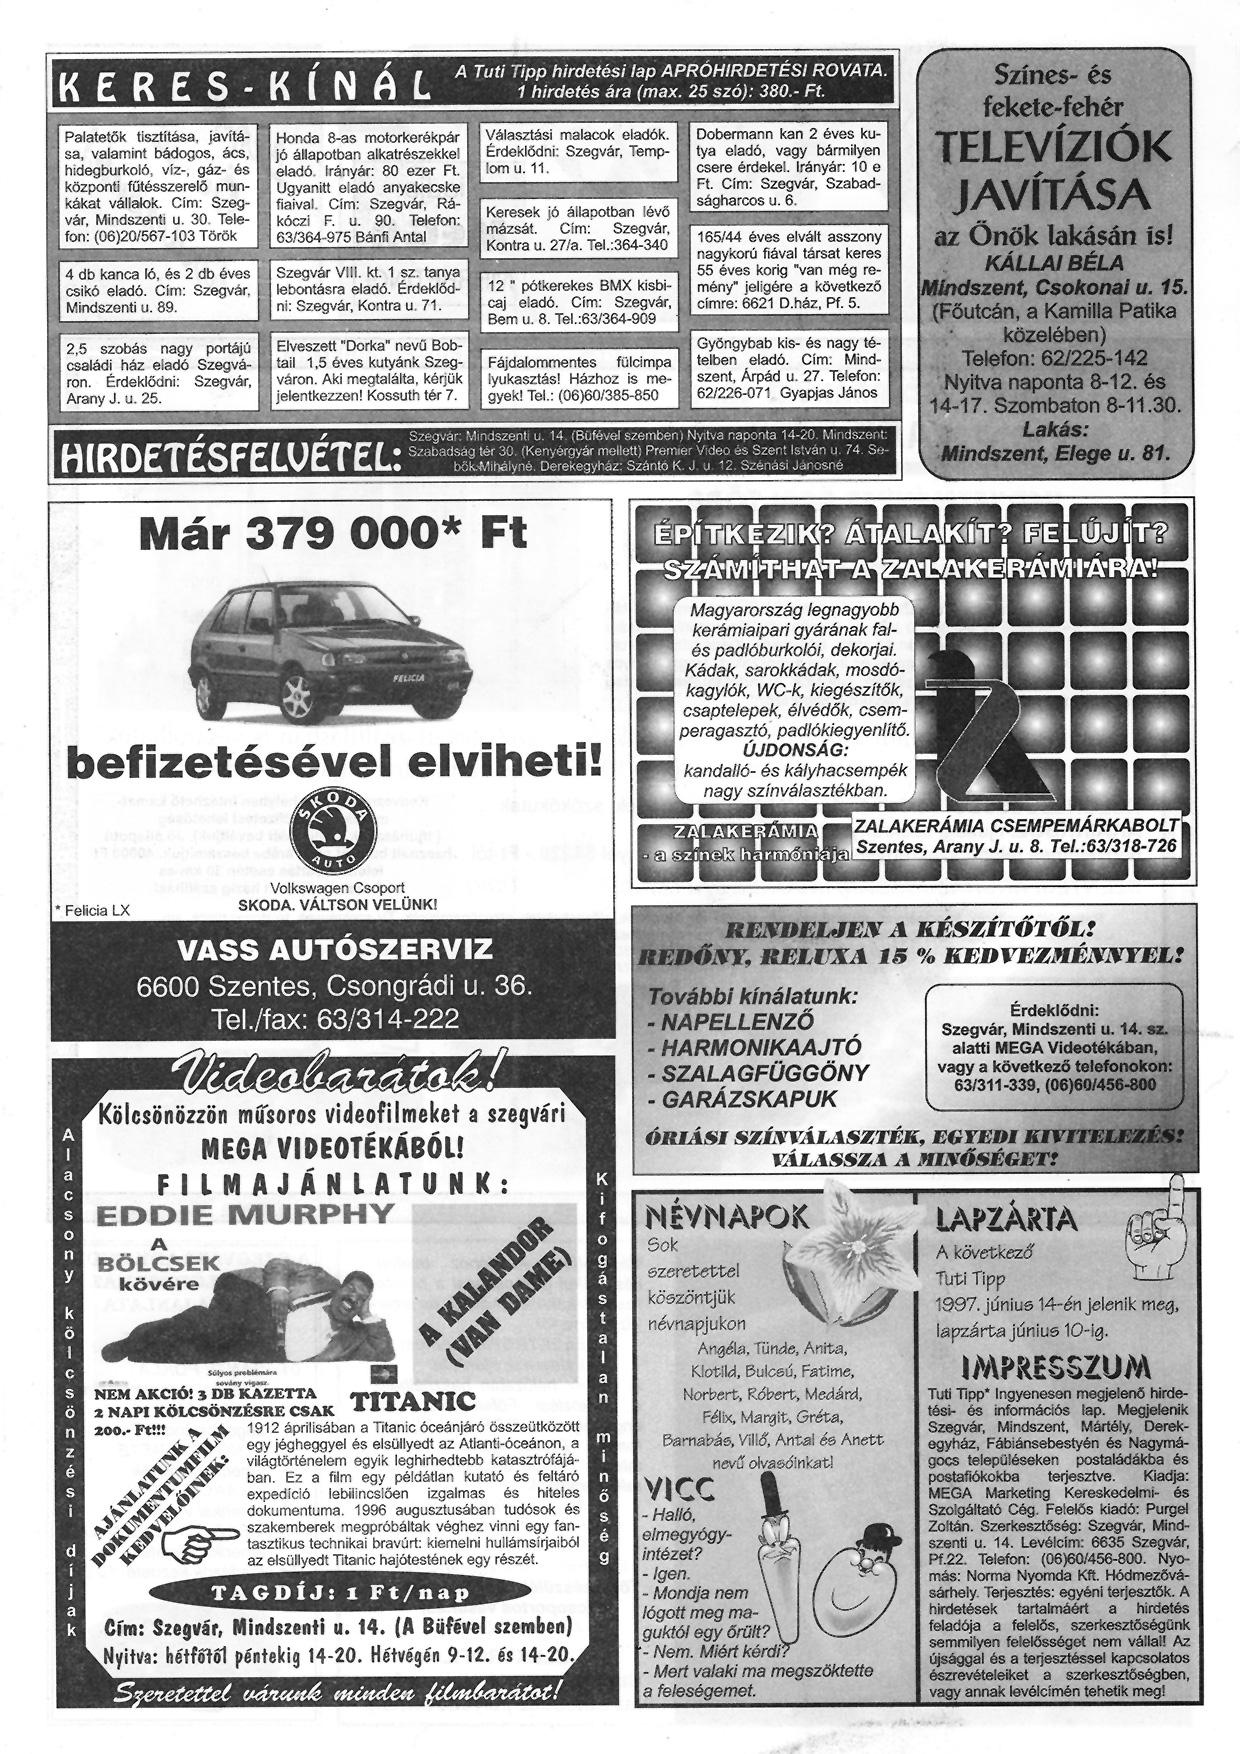 018 Tuti Tipp reklámújság - 19970531-062. lapszám - 2.oldal - III. évfolyam.jpg